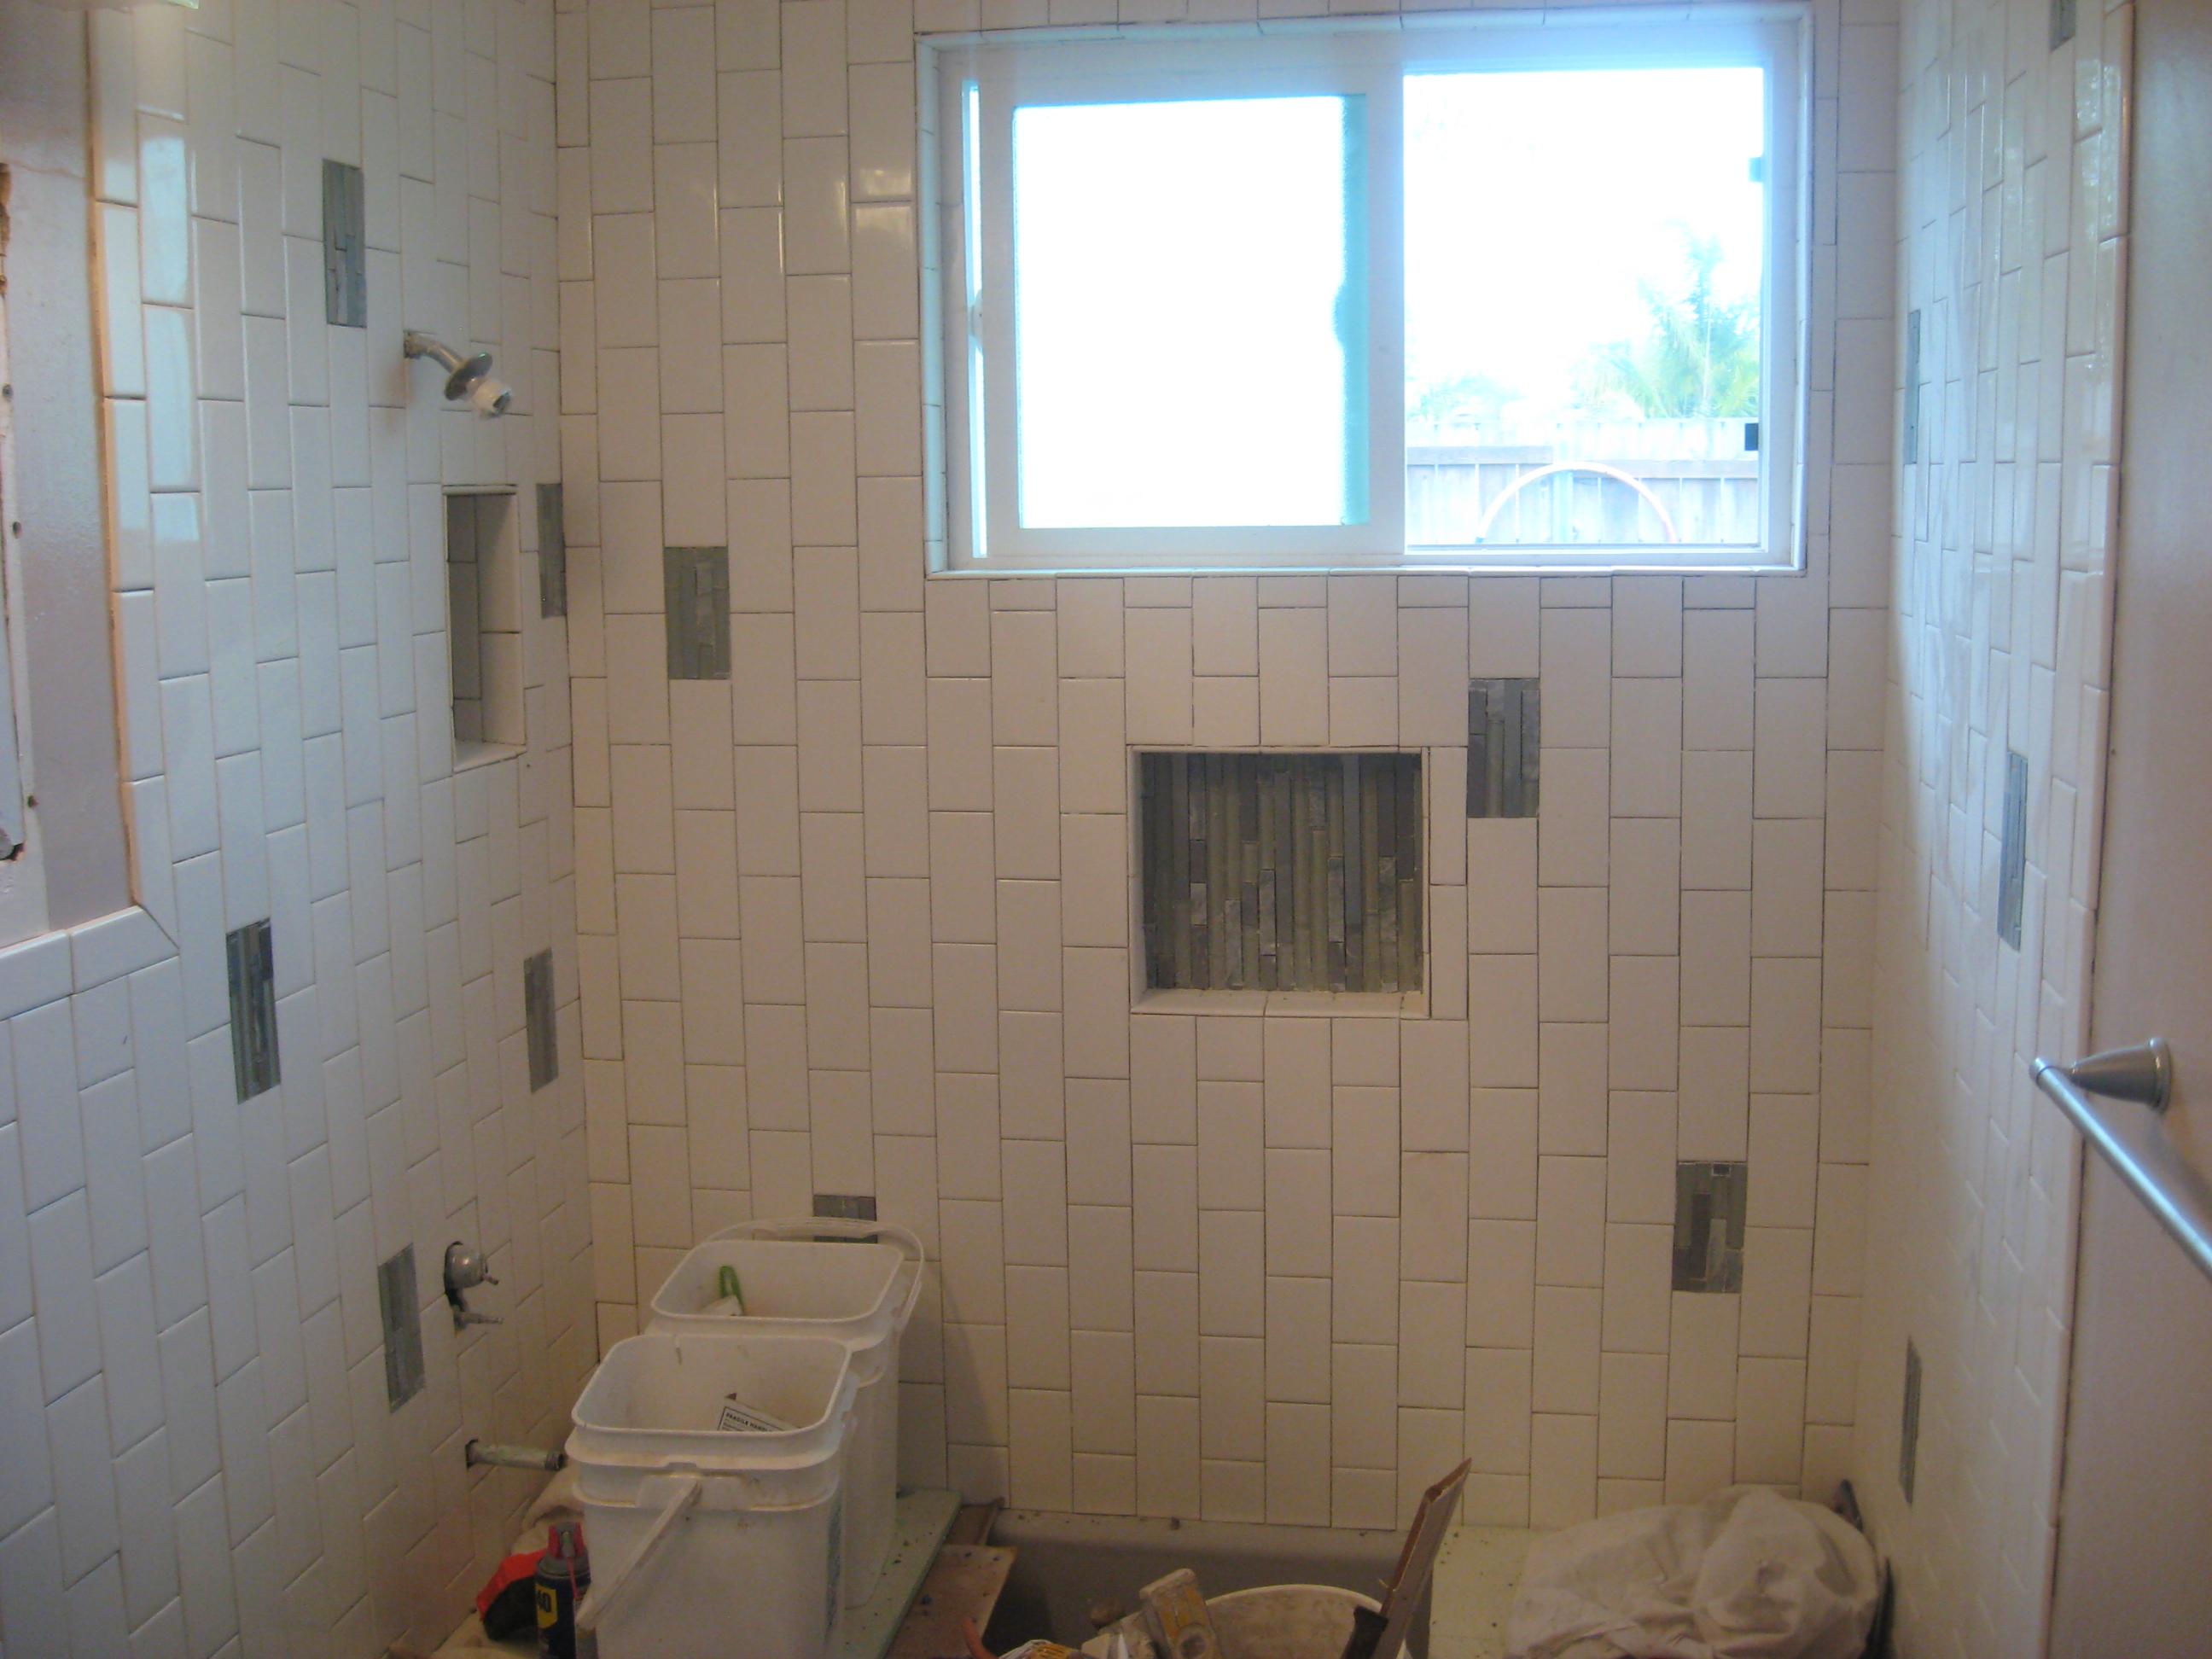 newbathroom/IMG_3548.JPG